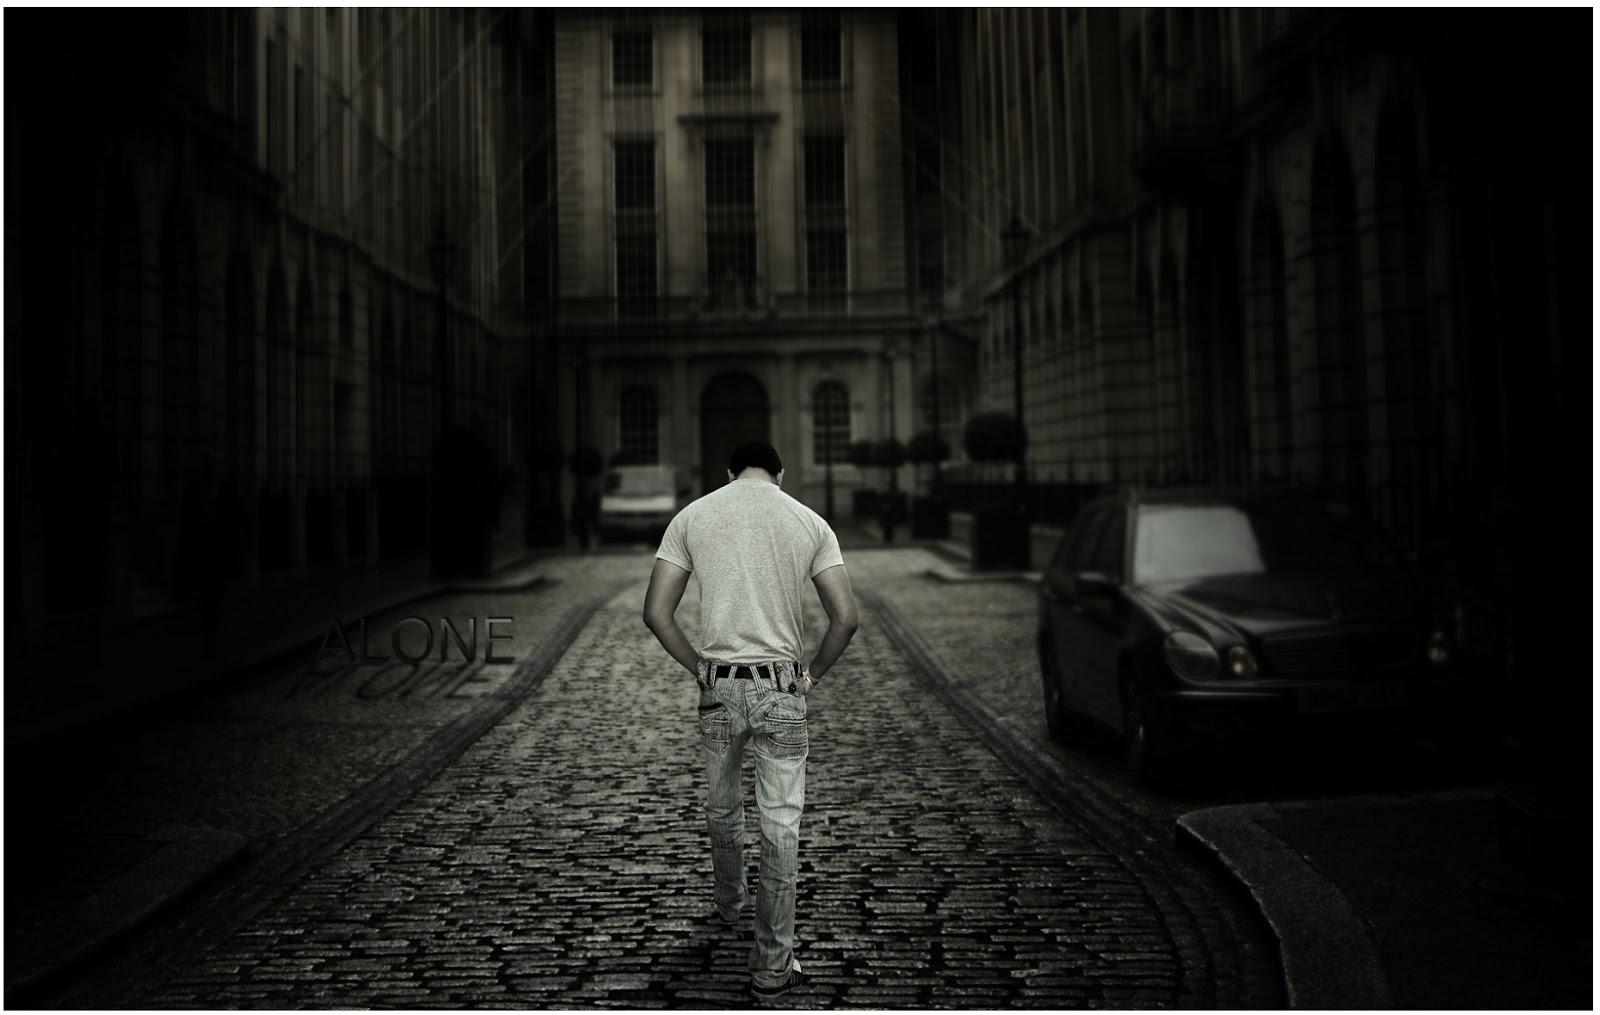 بالصور صور رجال حزينه , صور حزينة معبرة 4648 3